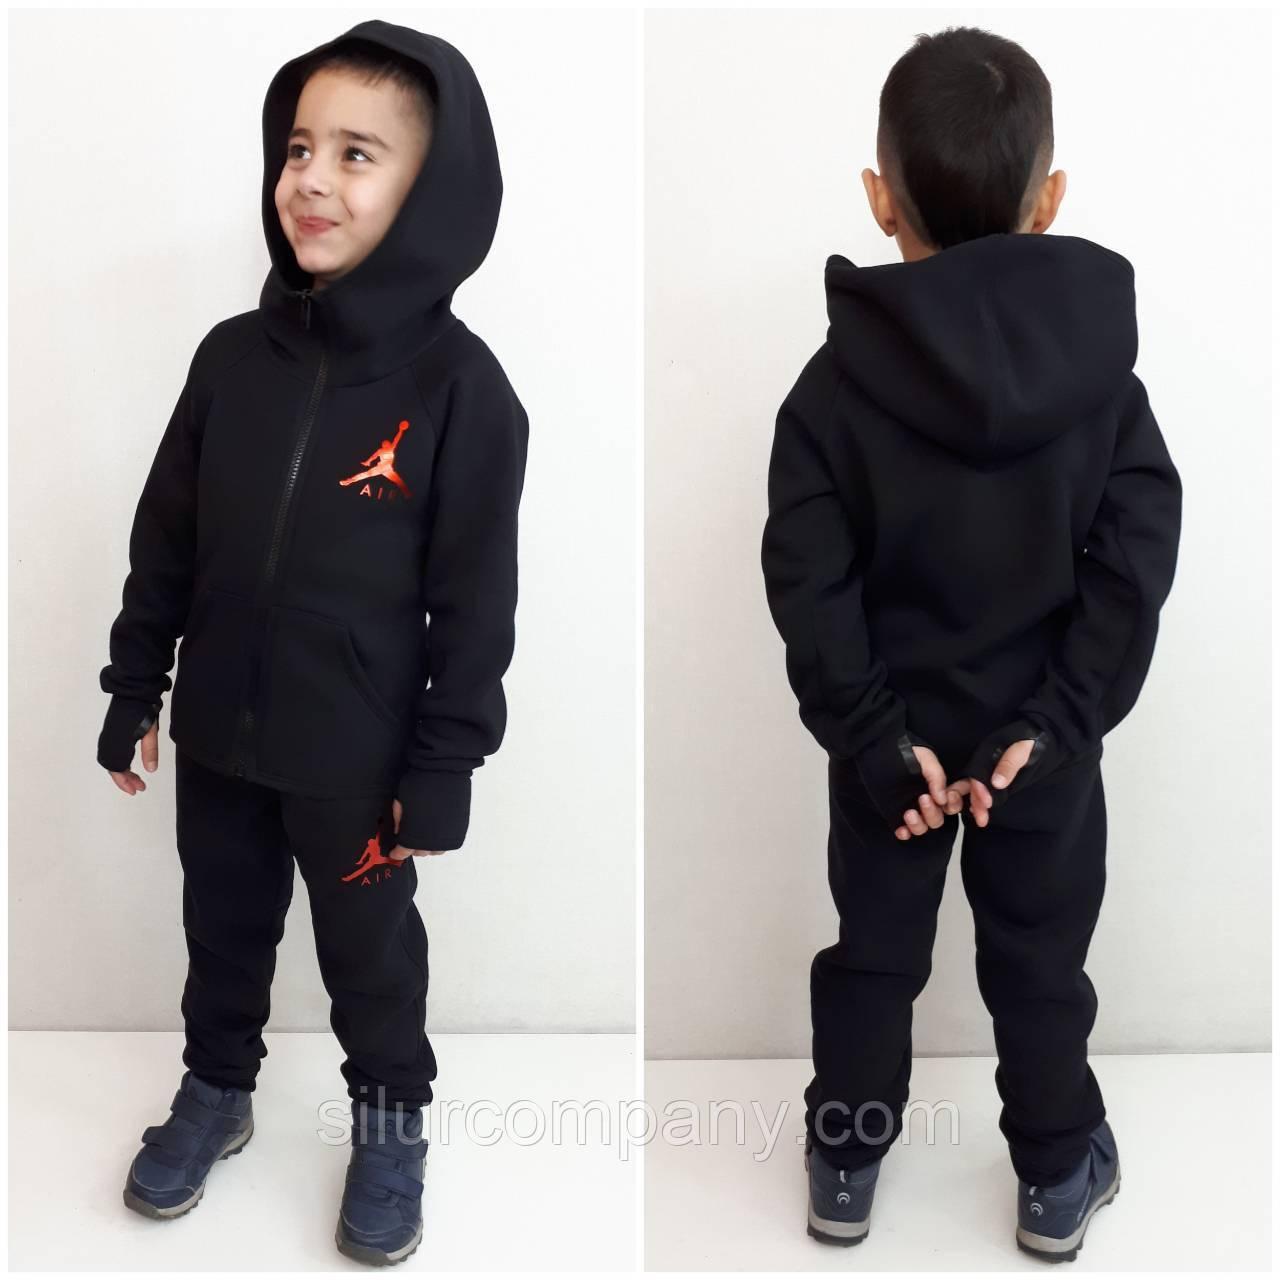 Теплый спортивный костюм для мальчика   Стильный спортивный костюм с  начёсом для подростка - Интернет магазин b3fd2063e93